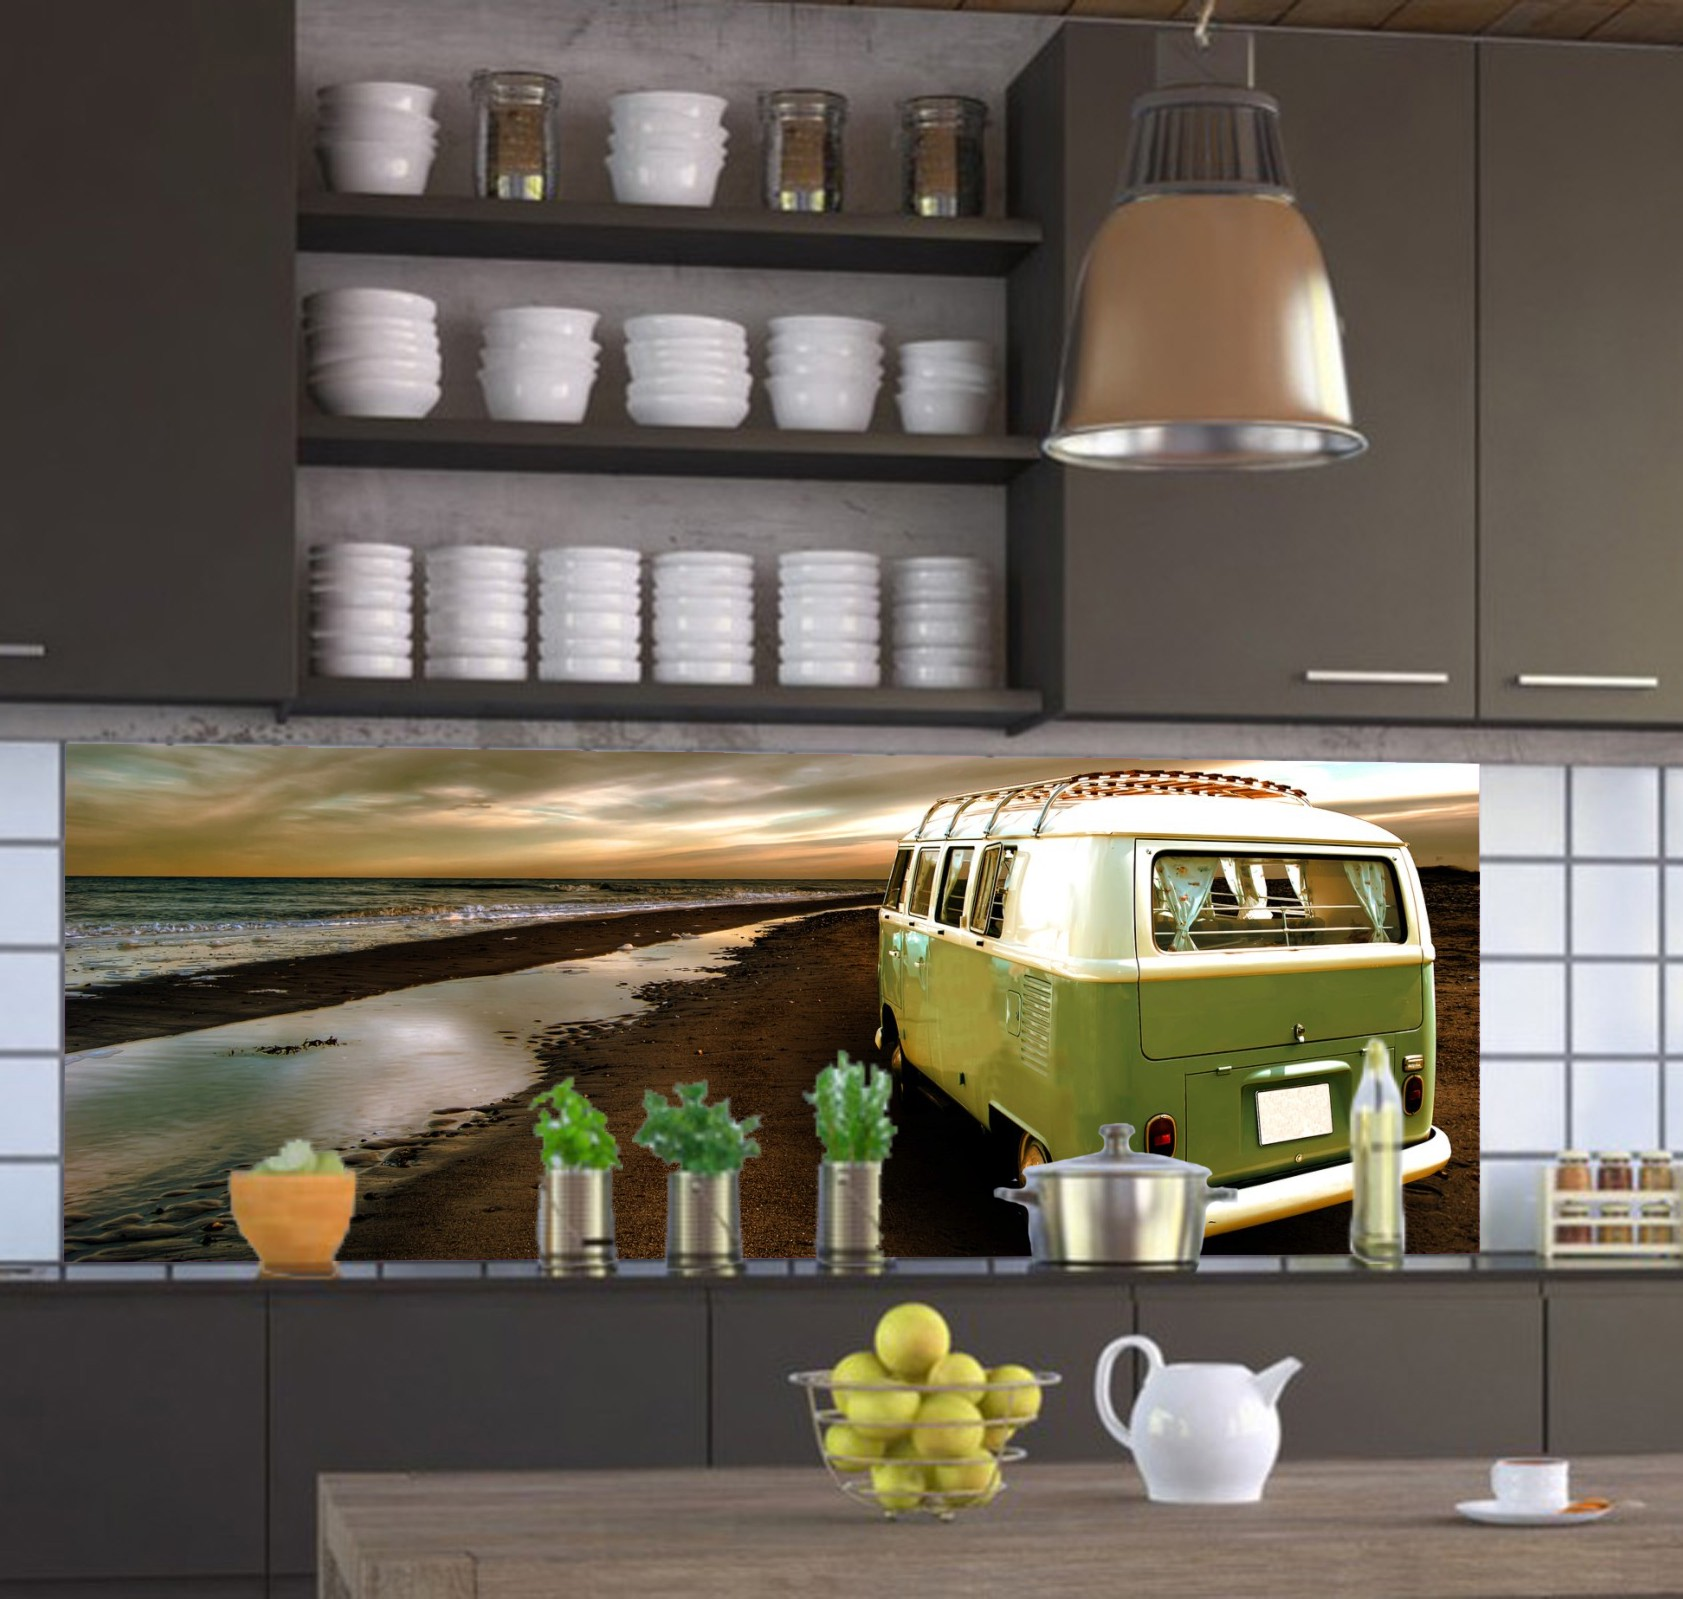 Full Size of Küche Günstig Kaufen Rückwand Glas Schubladeneinsatz U Form Abfallbehälter Deckenlampe Schwarze Sideboard Mit Arbeitsplatte Schneidemaschine Wohnzimmer Spritzschutz Küche